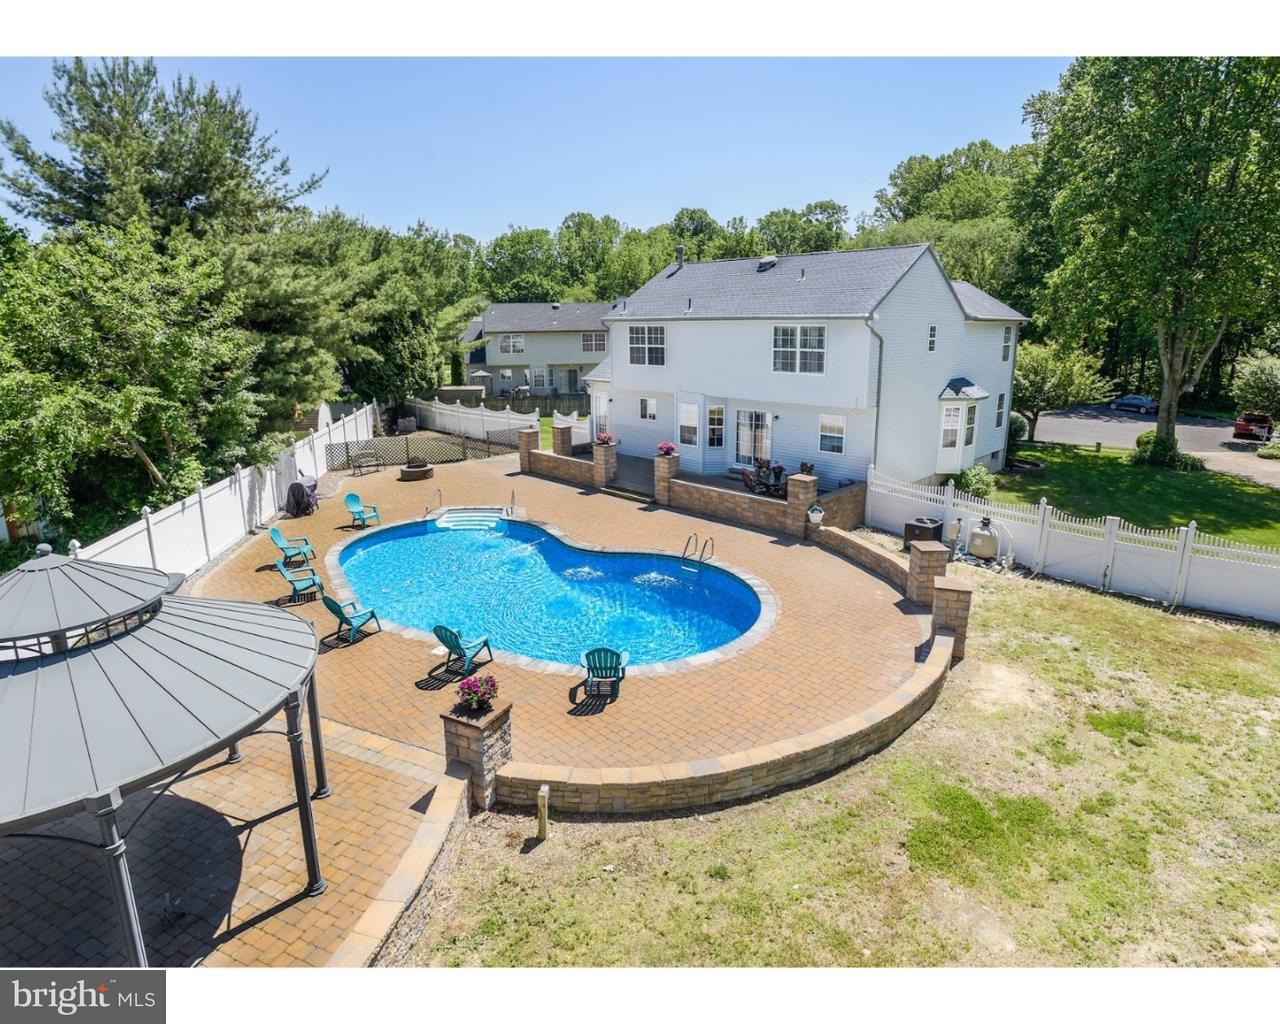 Частный односемейный дом для того Продажа на 17 JOEL Court Lindenwold, Нью-Джерси 08021 Соединенные Штаты